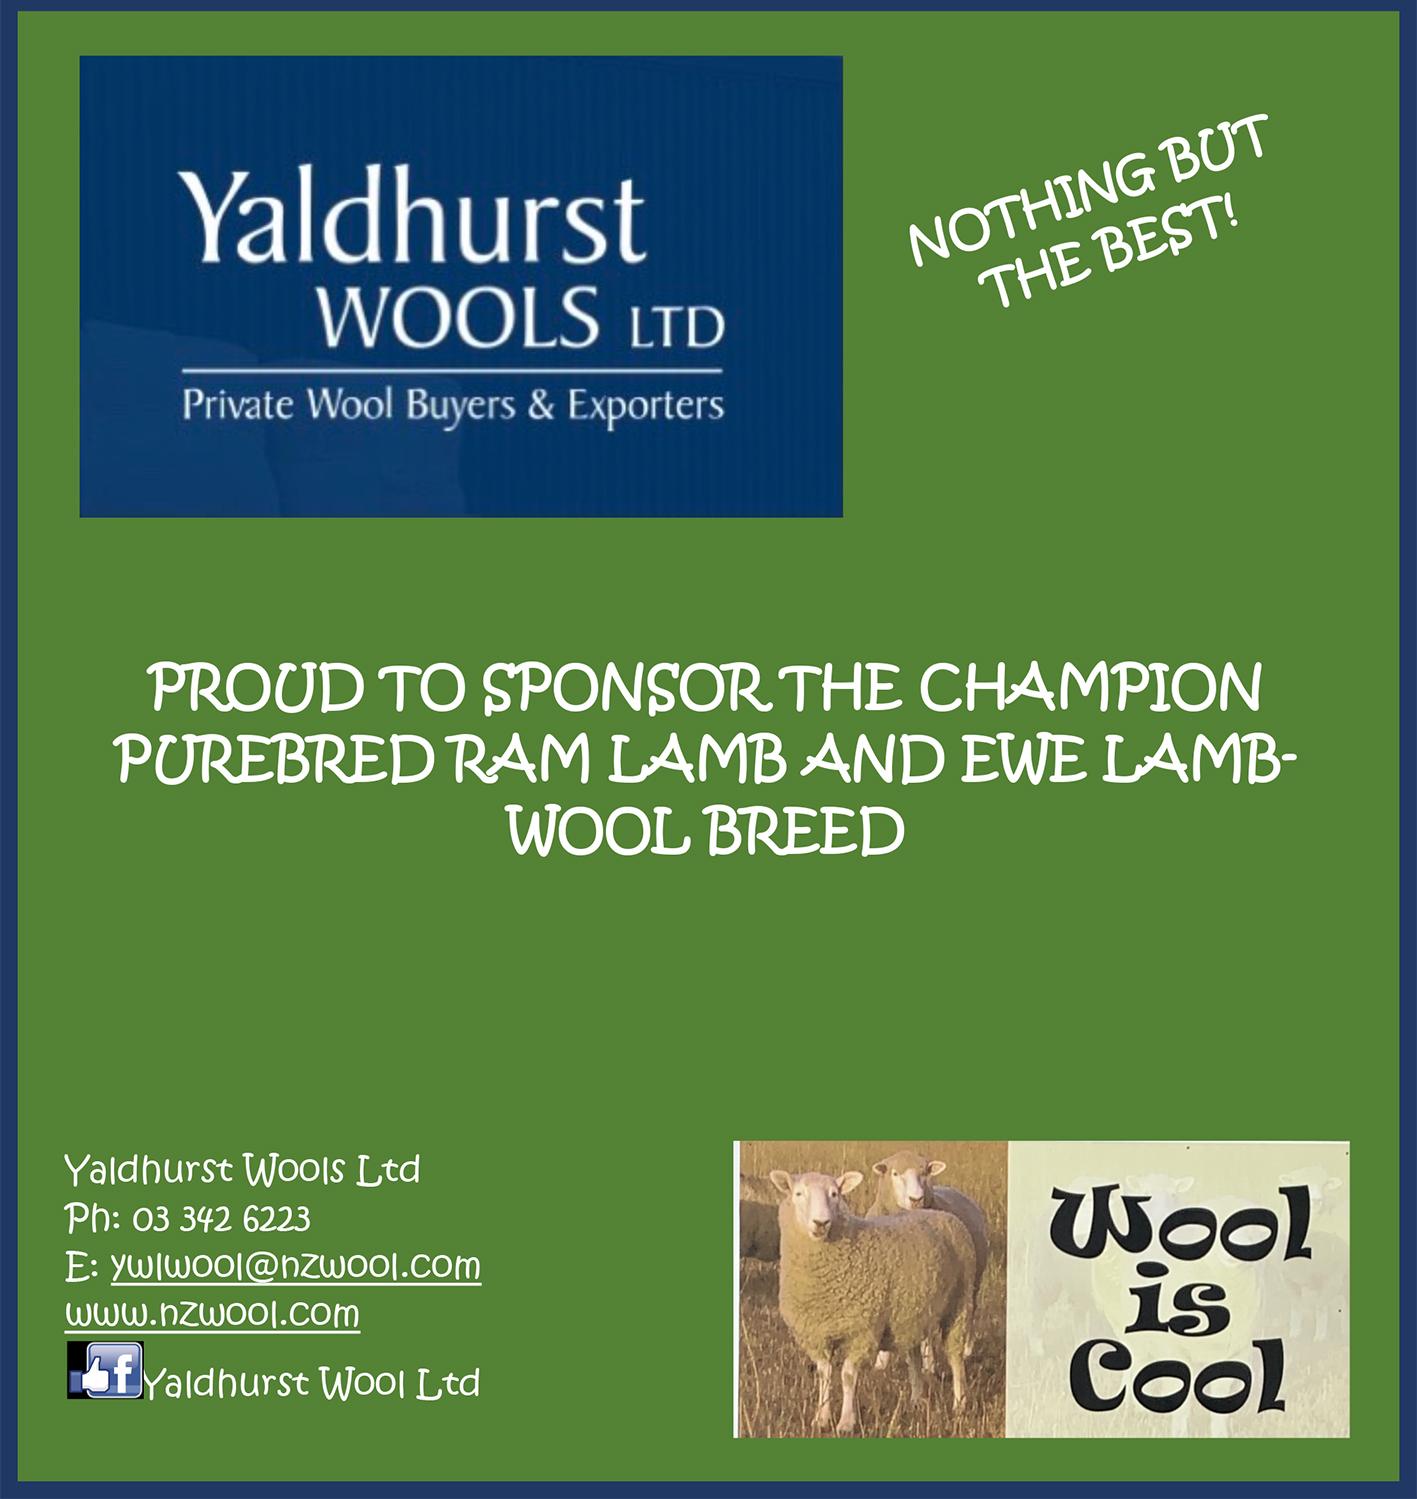 Yaldhurst